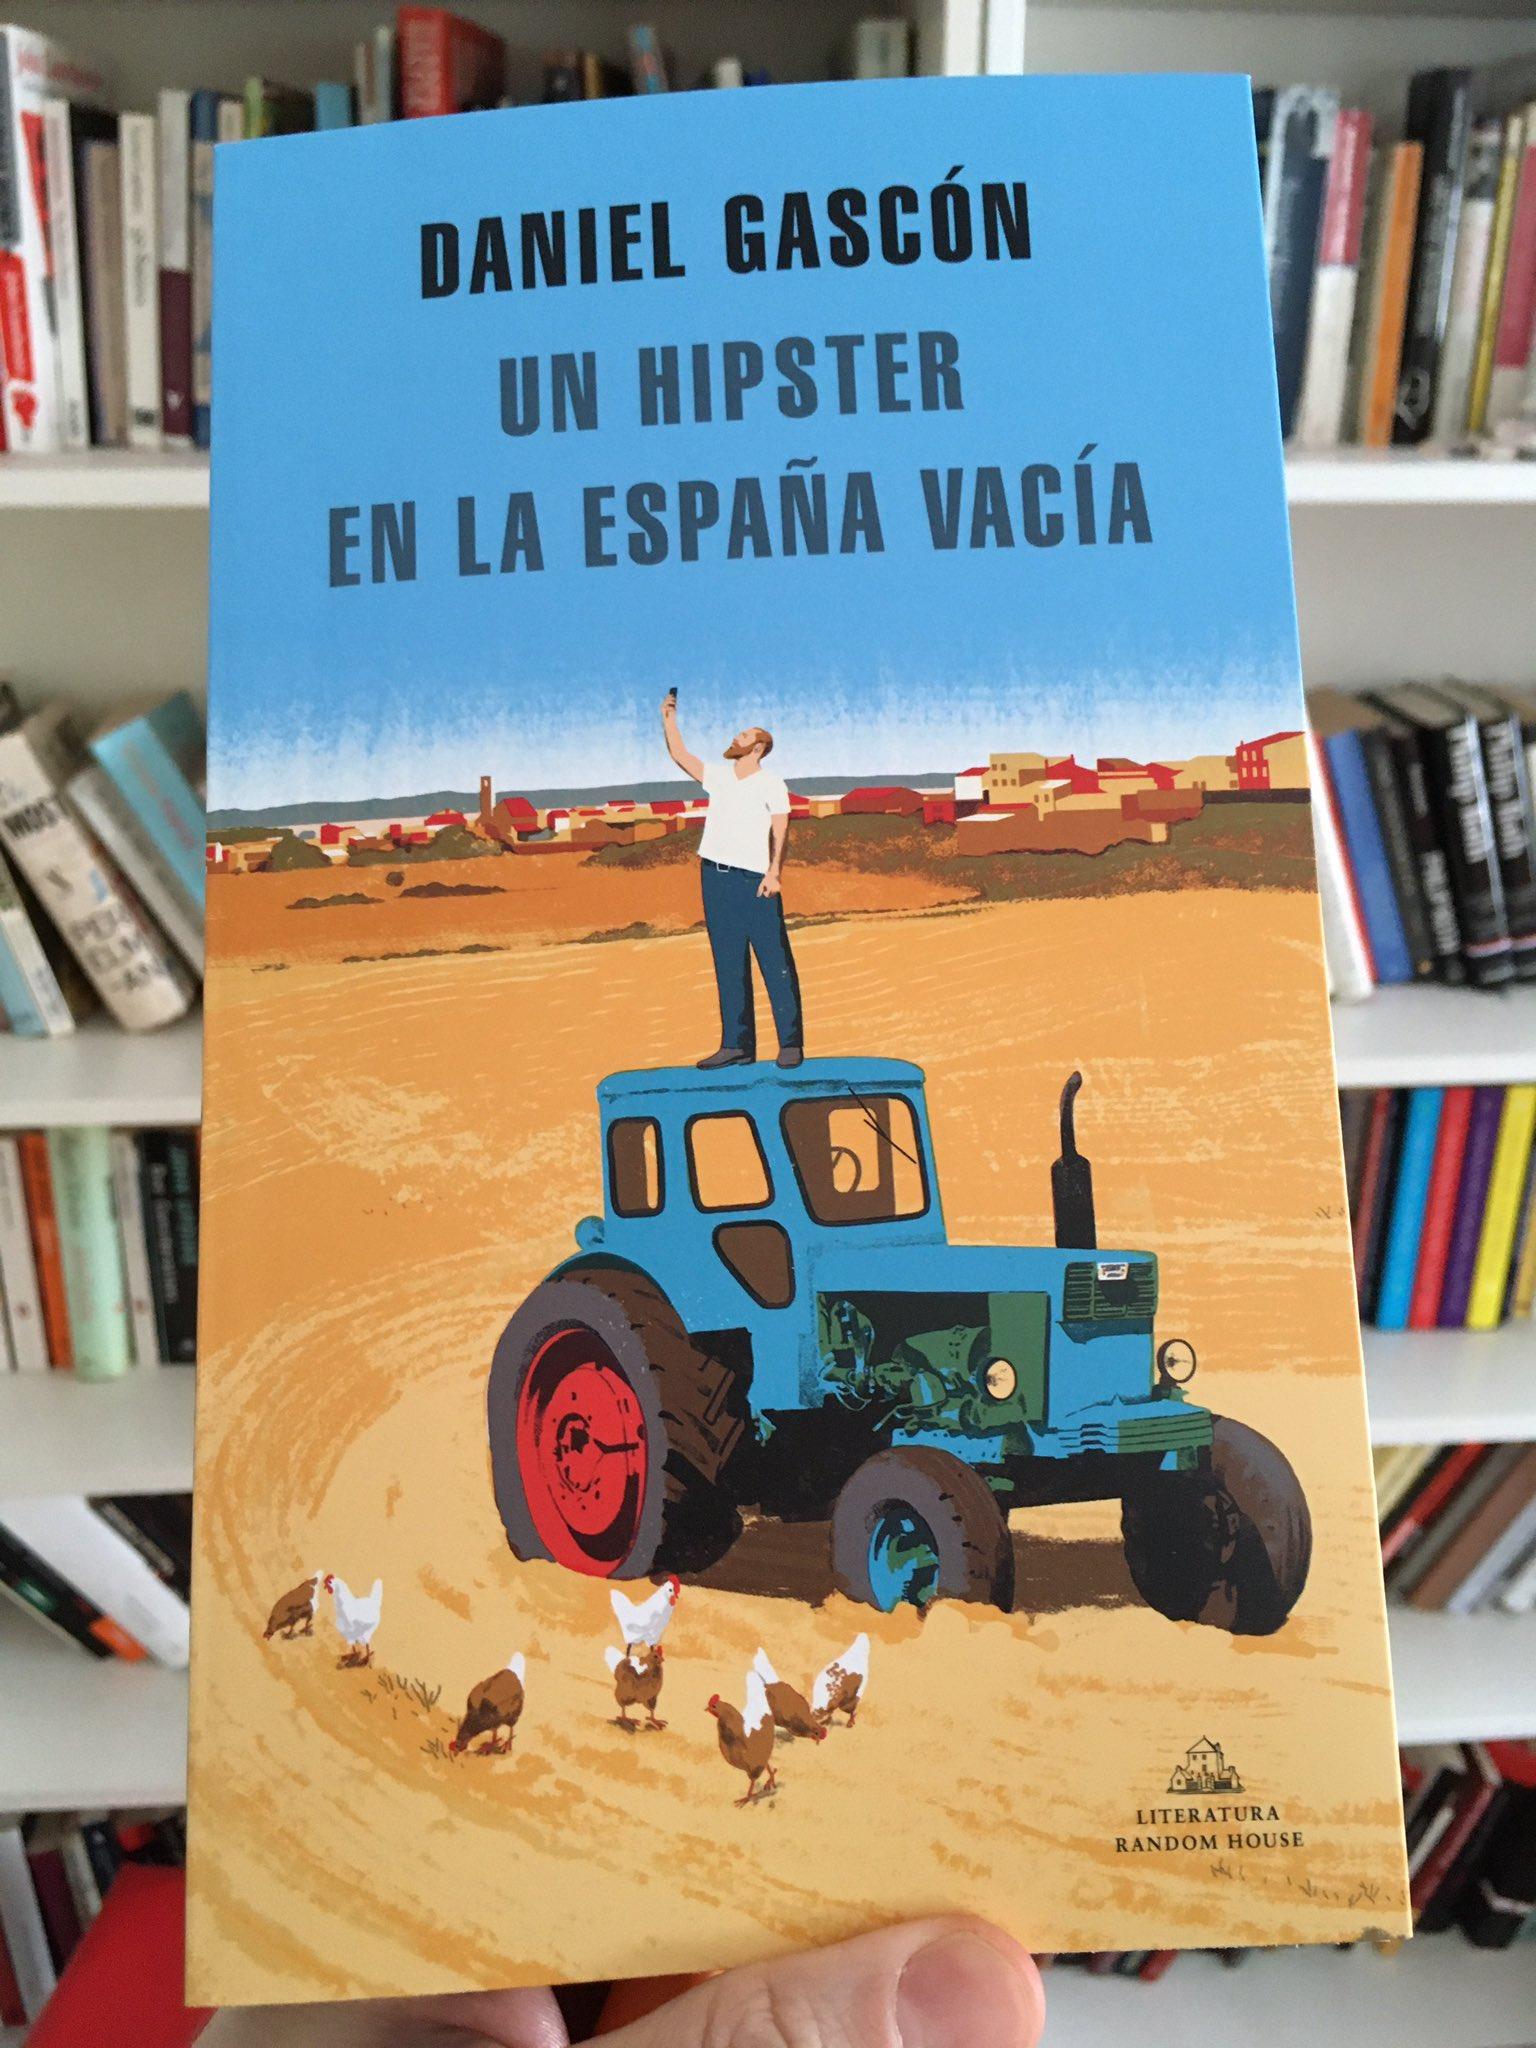 Daniel Gascón A Twitter Me Acaba De Llegar Un Hipster En La España Vacía Que Estará En Las Librerías El 11 De Junio